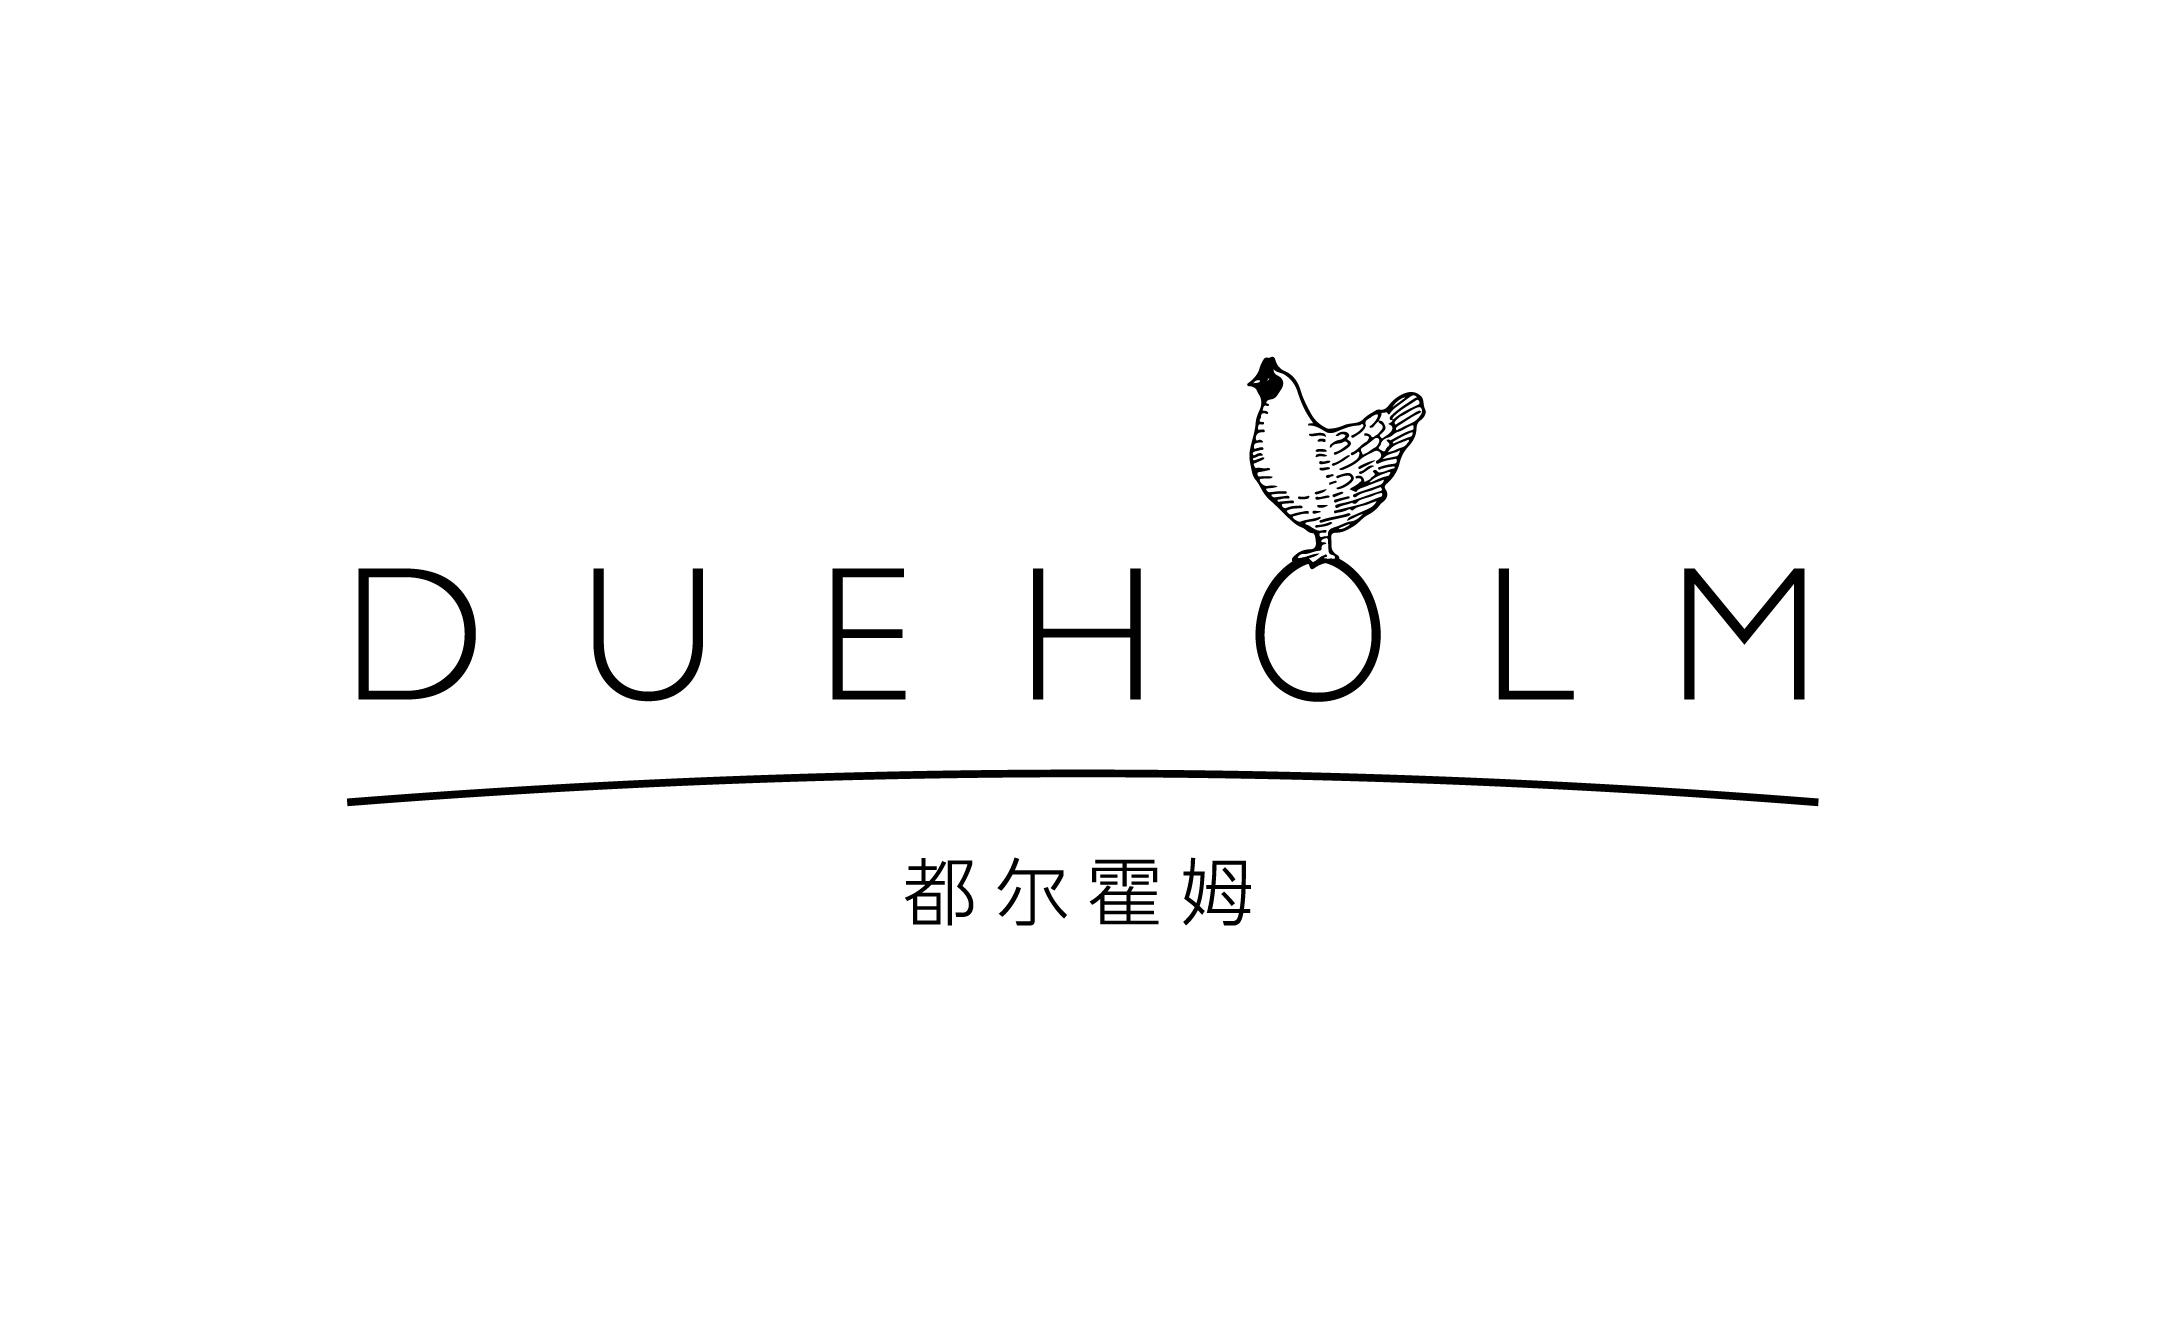 高級有機卵のDUEHOLM ロゴ制作